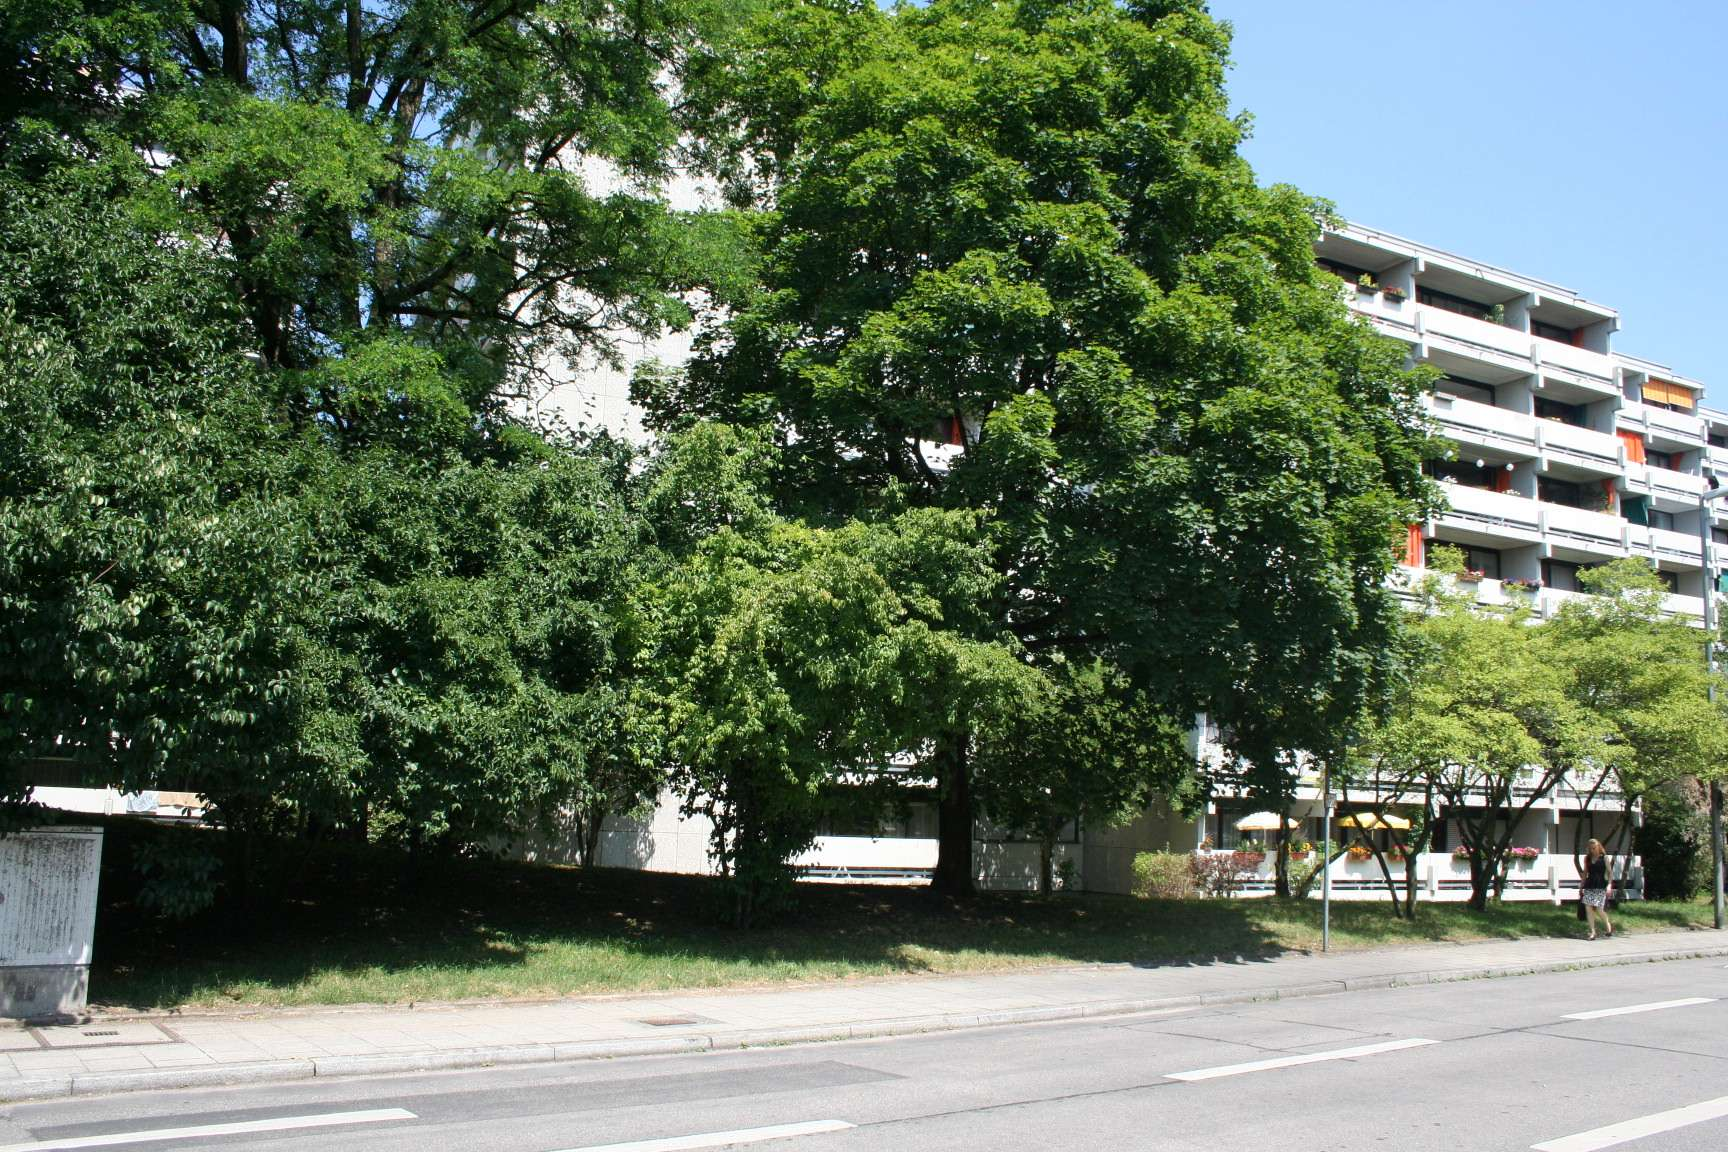 Schöne 4-Zimmer-Wohnung mit Südbalkon und Bergblick direkt am Olympiapark von Privat in Neuhausen (München)